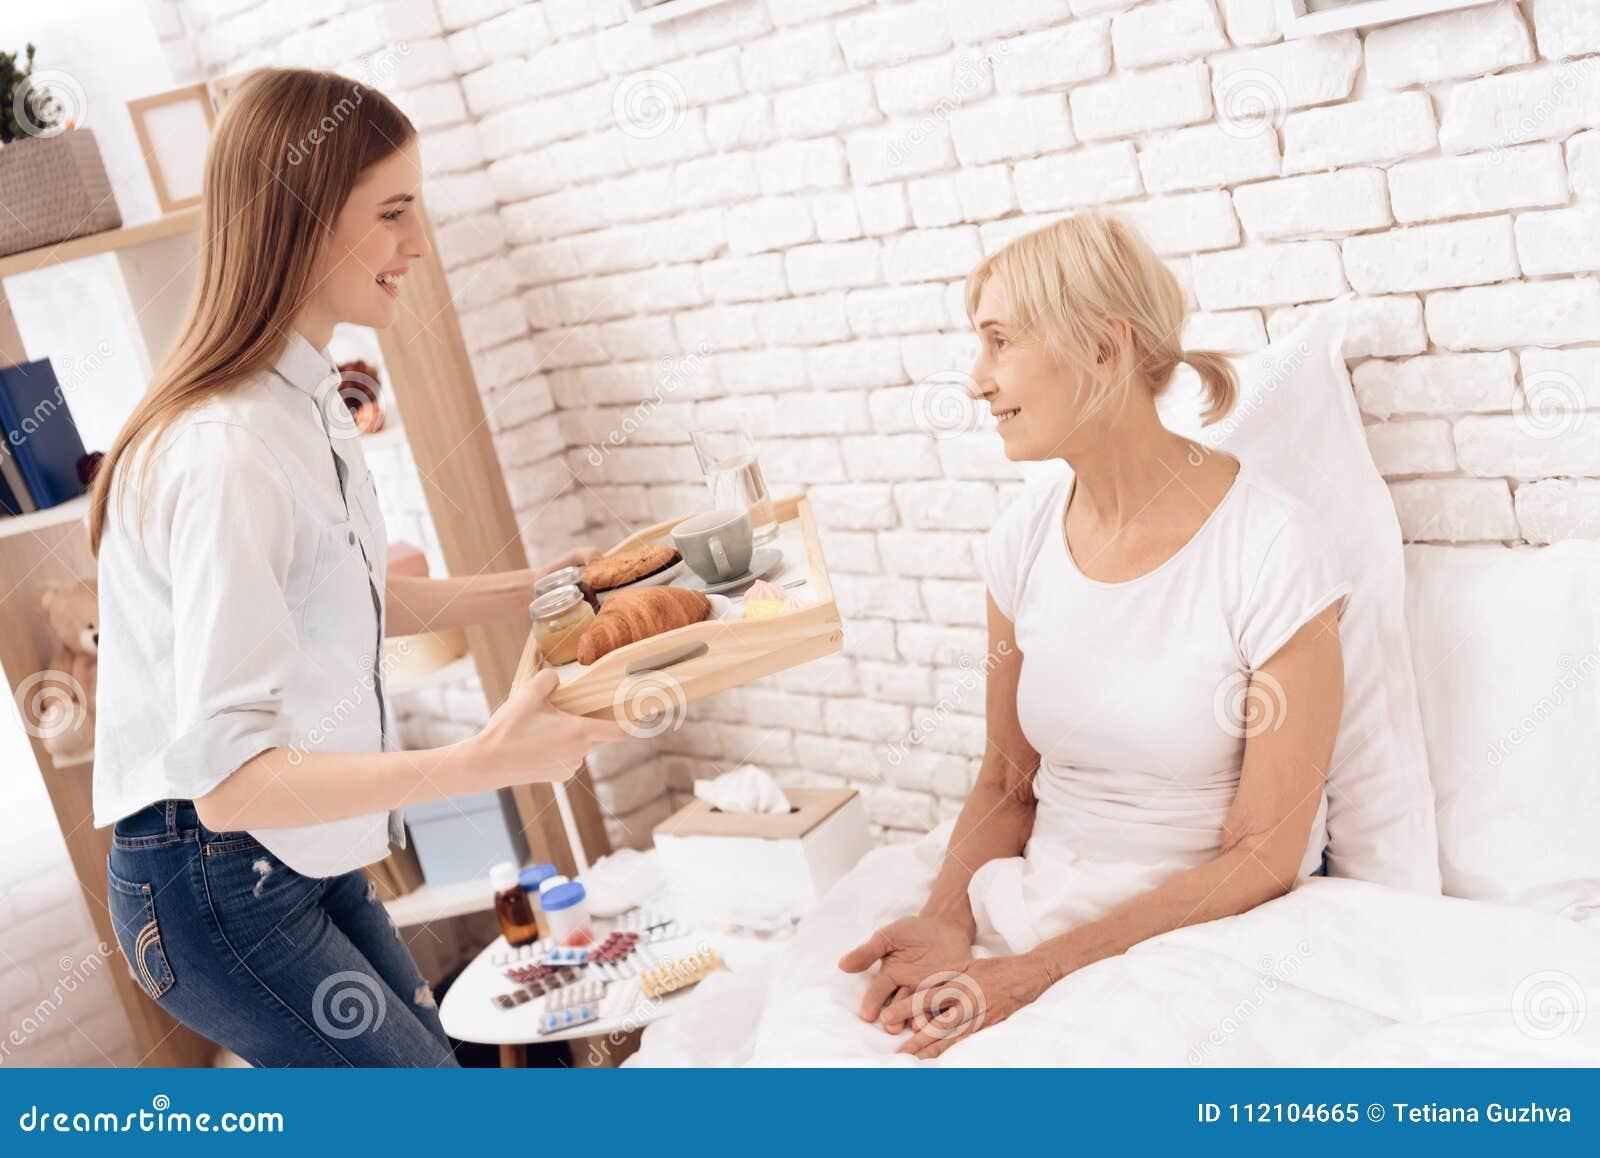 La fille soigne la femme agée à la maison La fille apporte le petit déjeuner sur le plateau